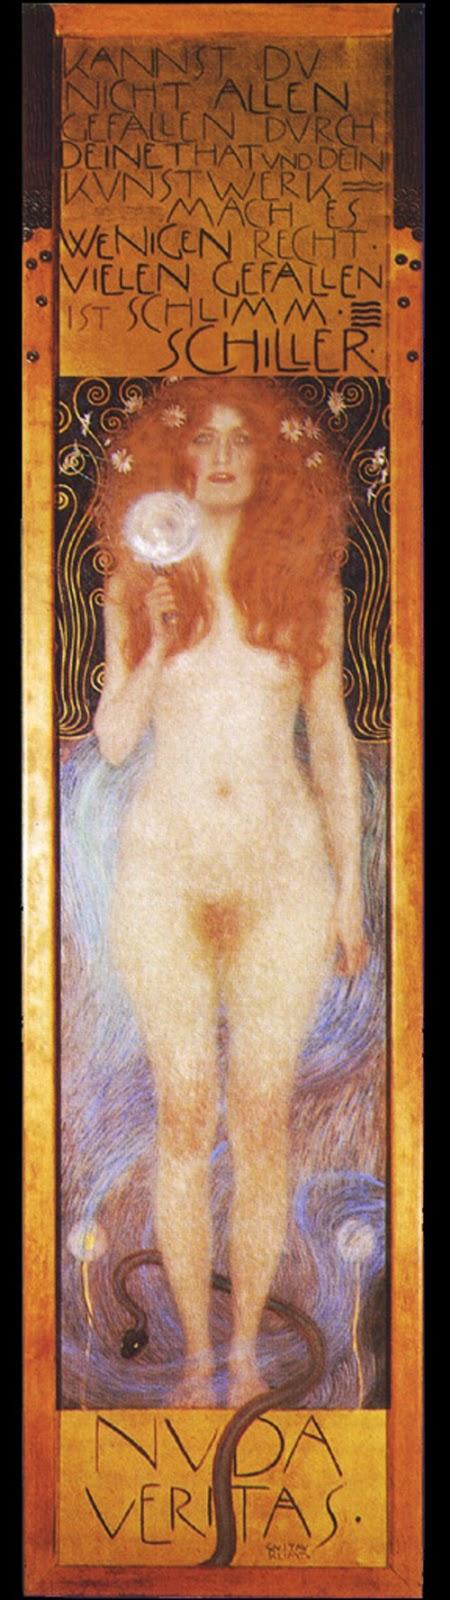 El desnudo en el arte: Gustav Klimt | migueldesnudo